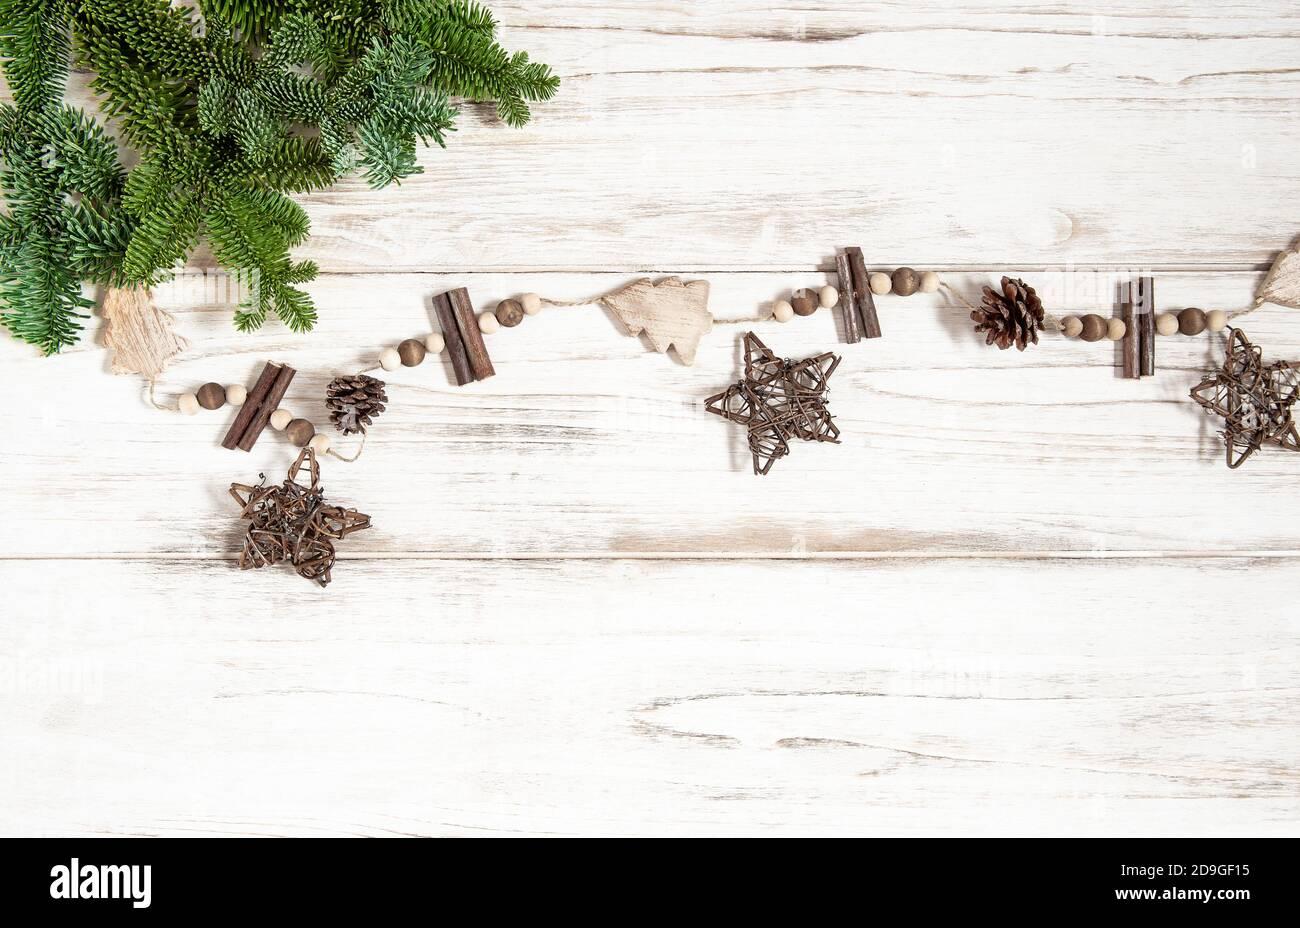 Décorations de Noël en bois avec branches en pin Banque D'Images